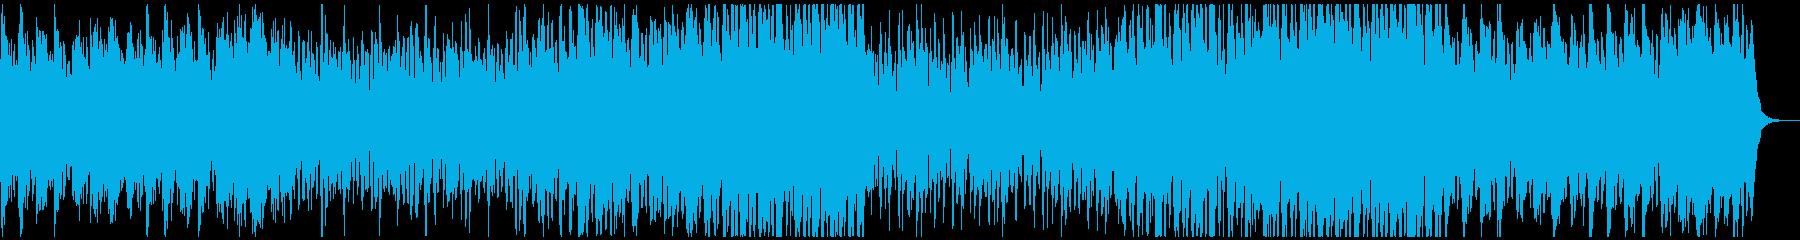 なんでもできそうな気がする前向きなBGMの再生済みの波形